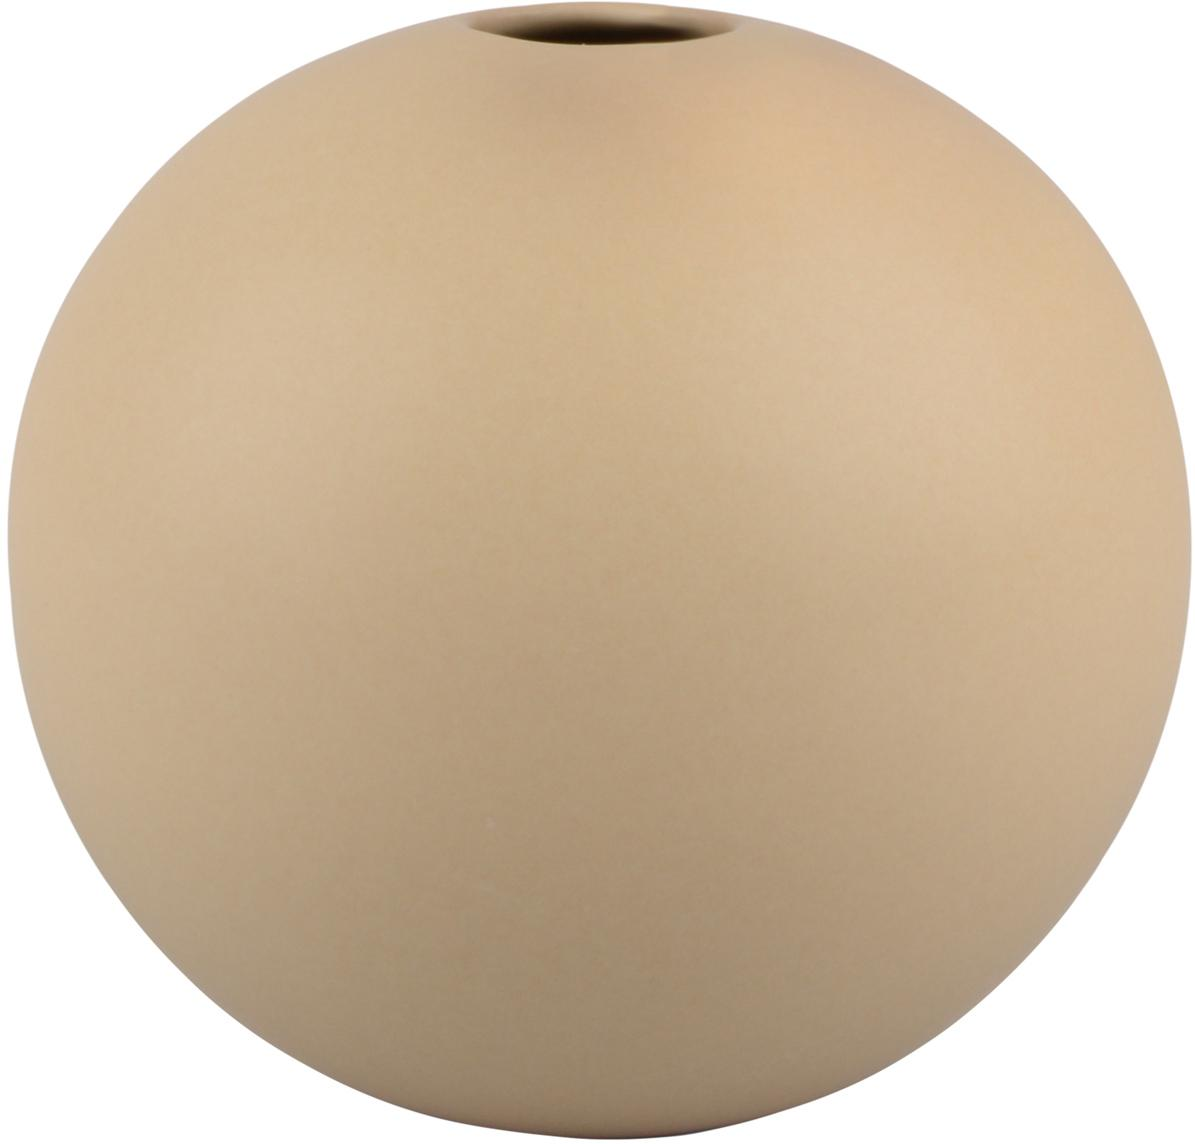 Bolvormige vaas Rita van keramiek, Keramiek, Beige, Ø 12 cm